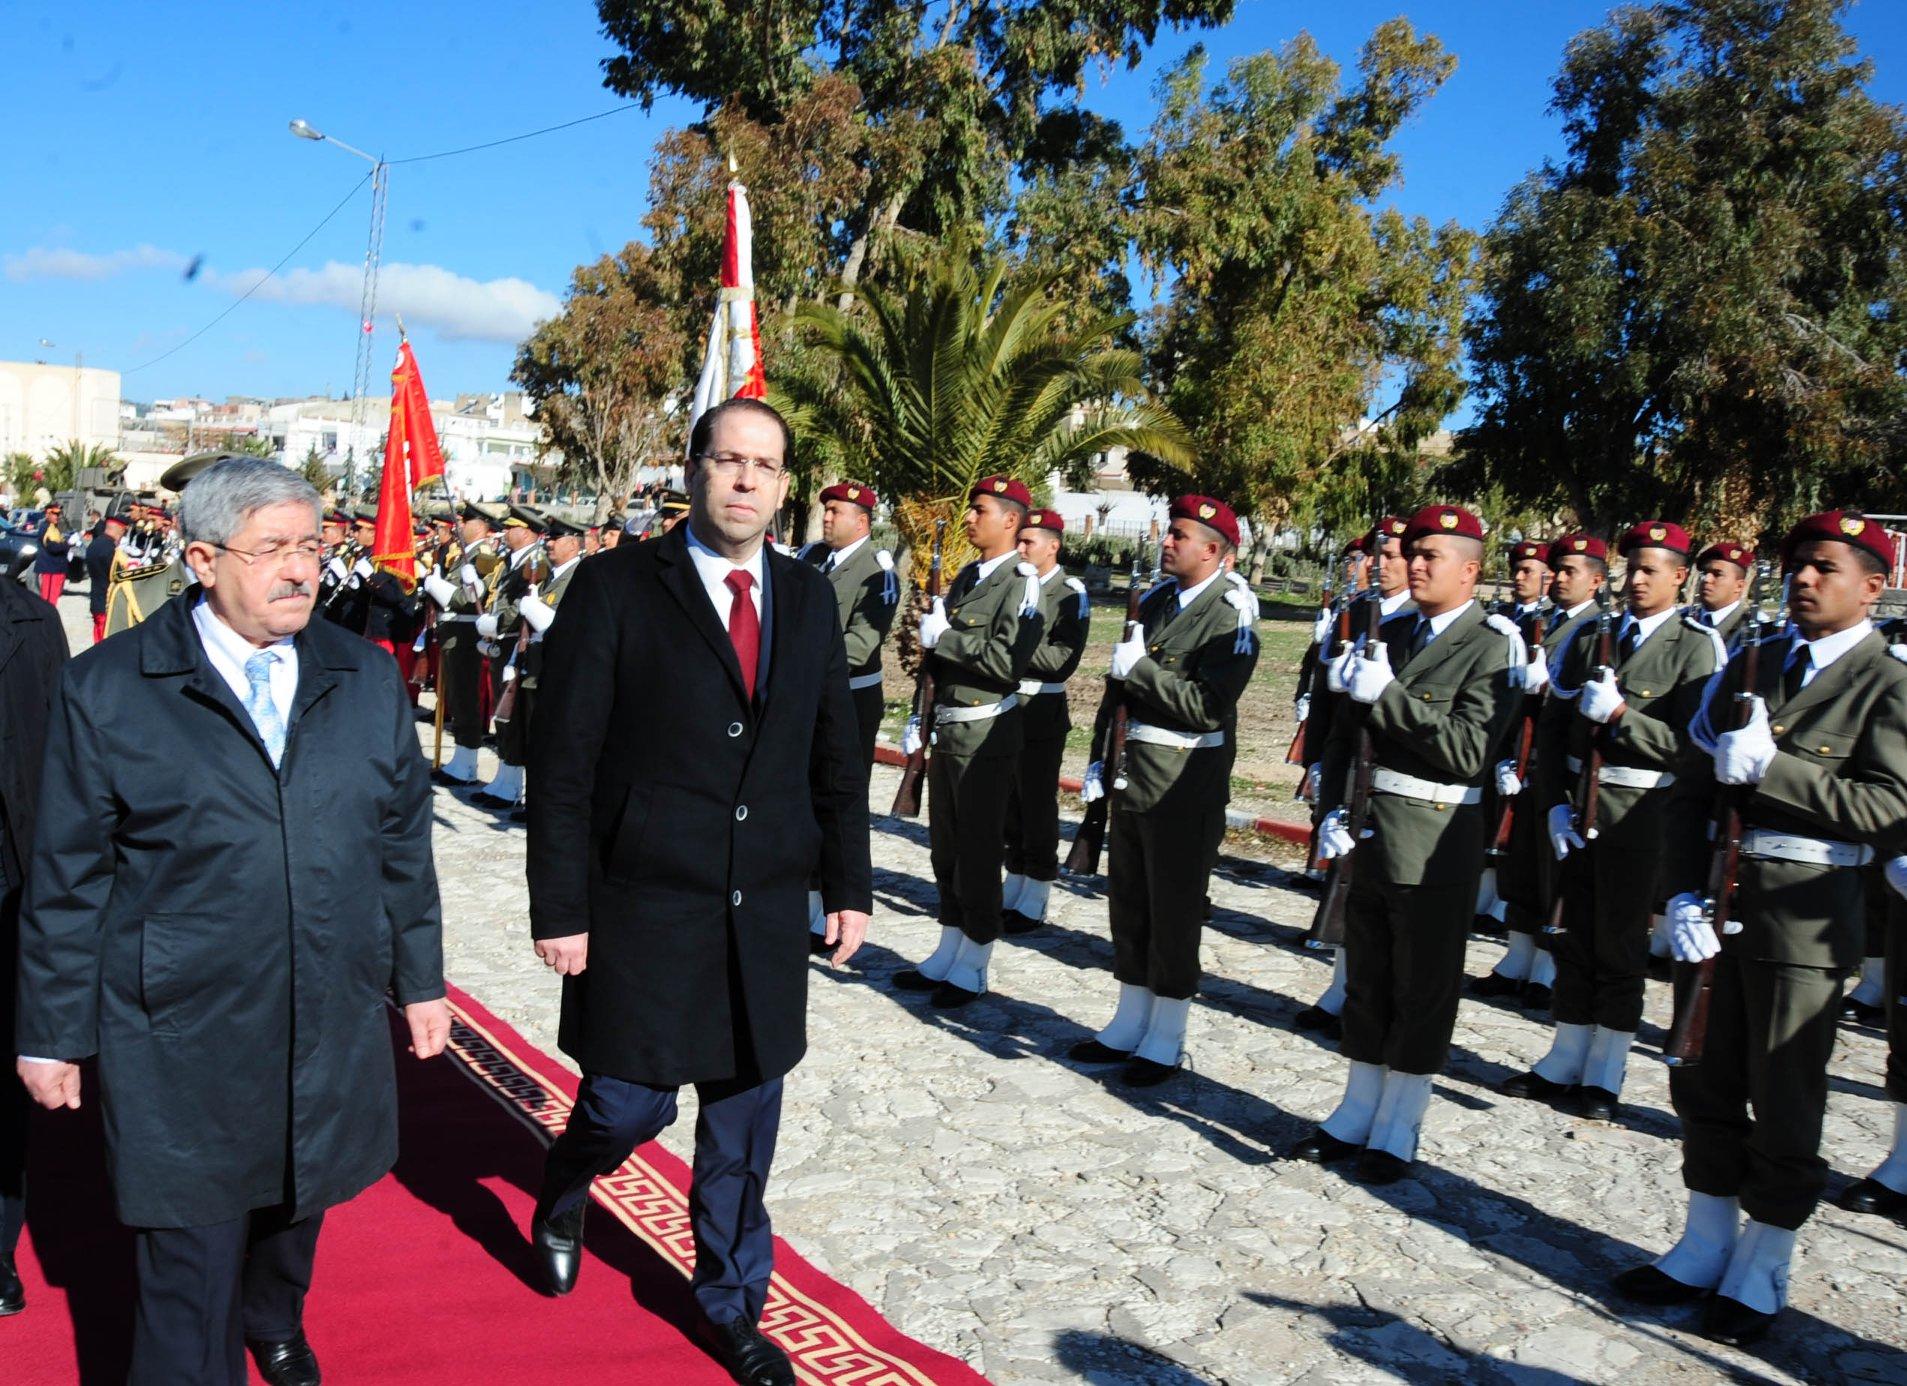 يوم اختلط الدم التونسي بالجزائري: الشاهد وأويحيى في ساقية سيدي يوسف